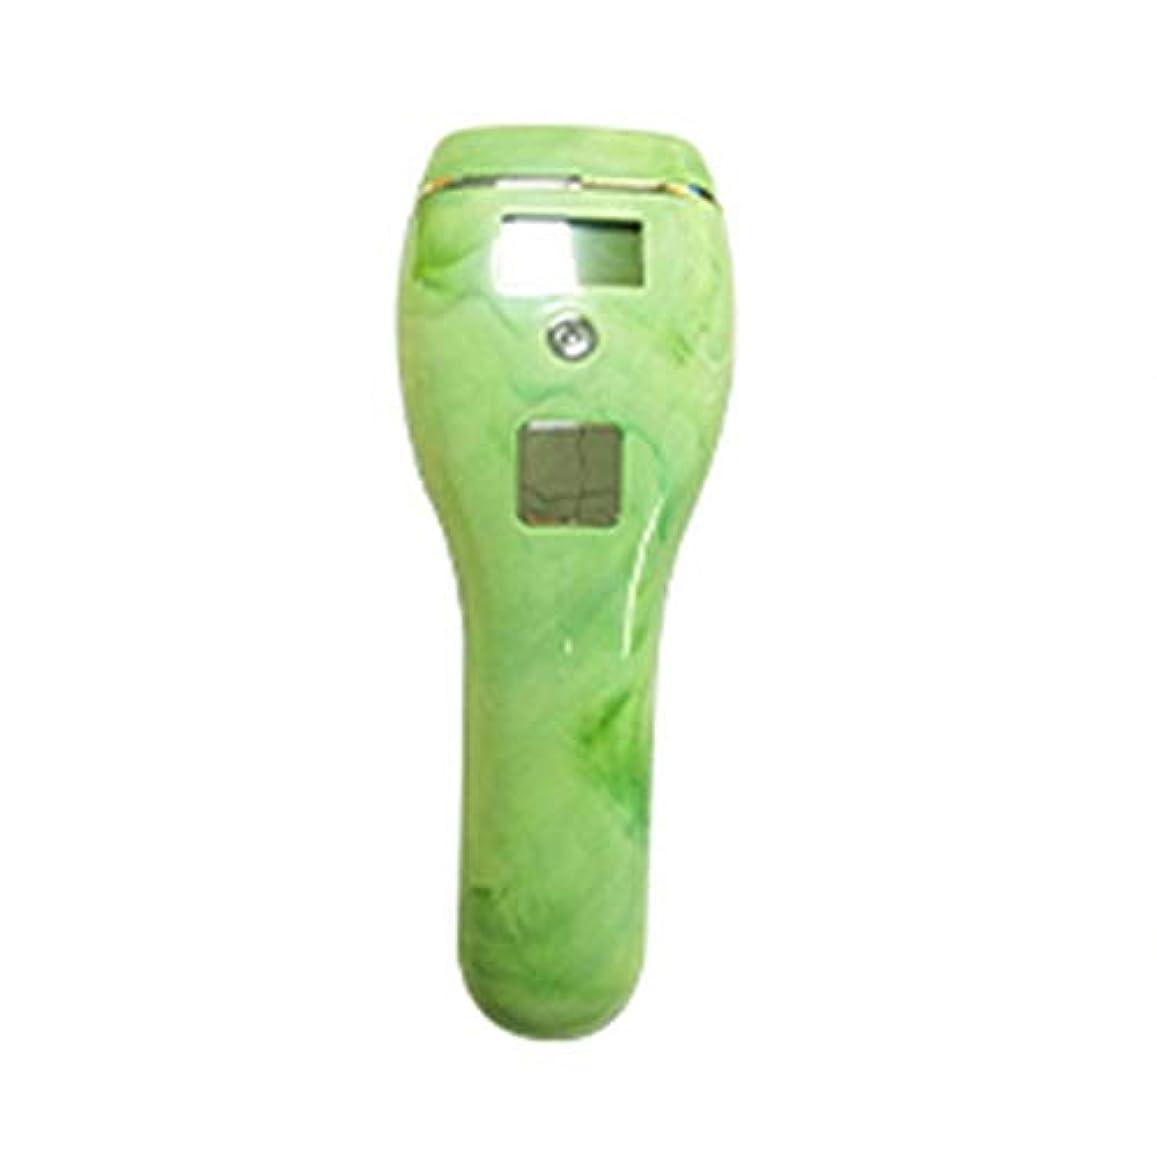 広告独裁範囲自動肌のカラーセンシング、グリーン、5速調整、クォーツチューブ、携帯用痛みのない全身凍結乾燥用除湿器、サイズ19x7x5cm 効果が良い (Color : Green)